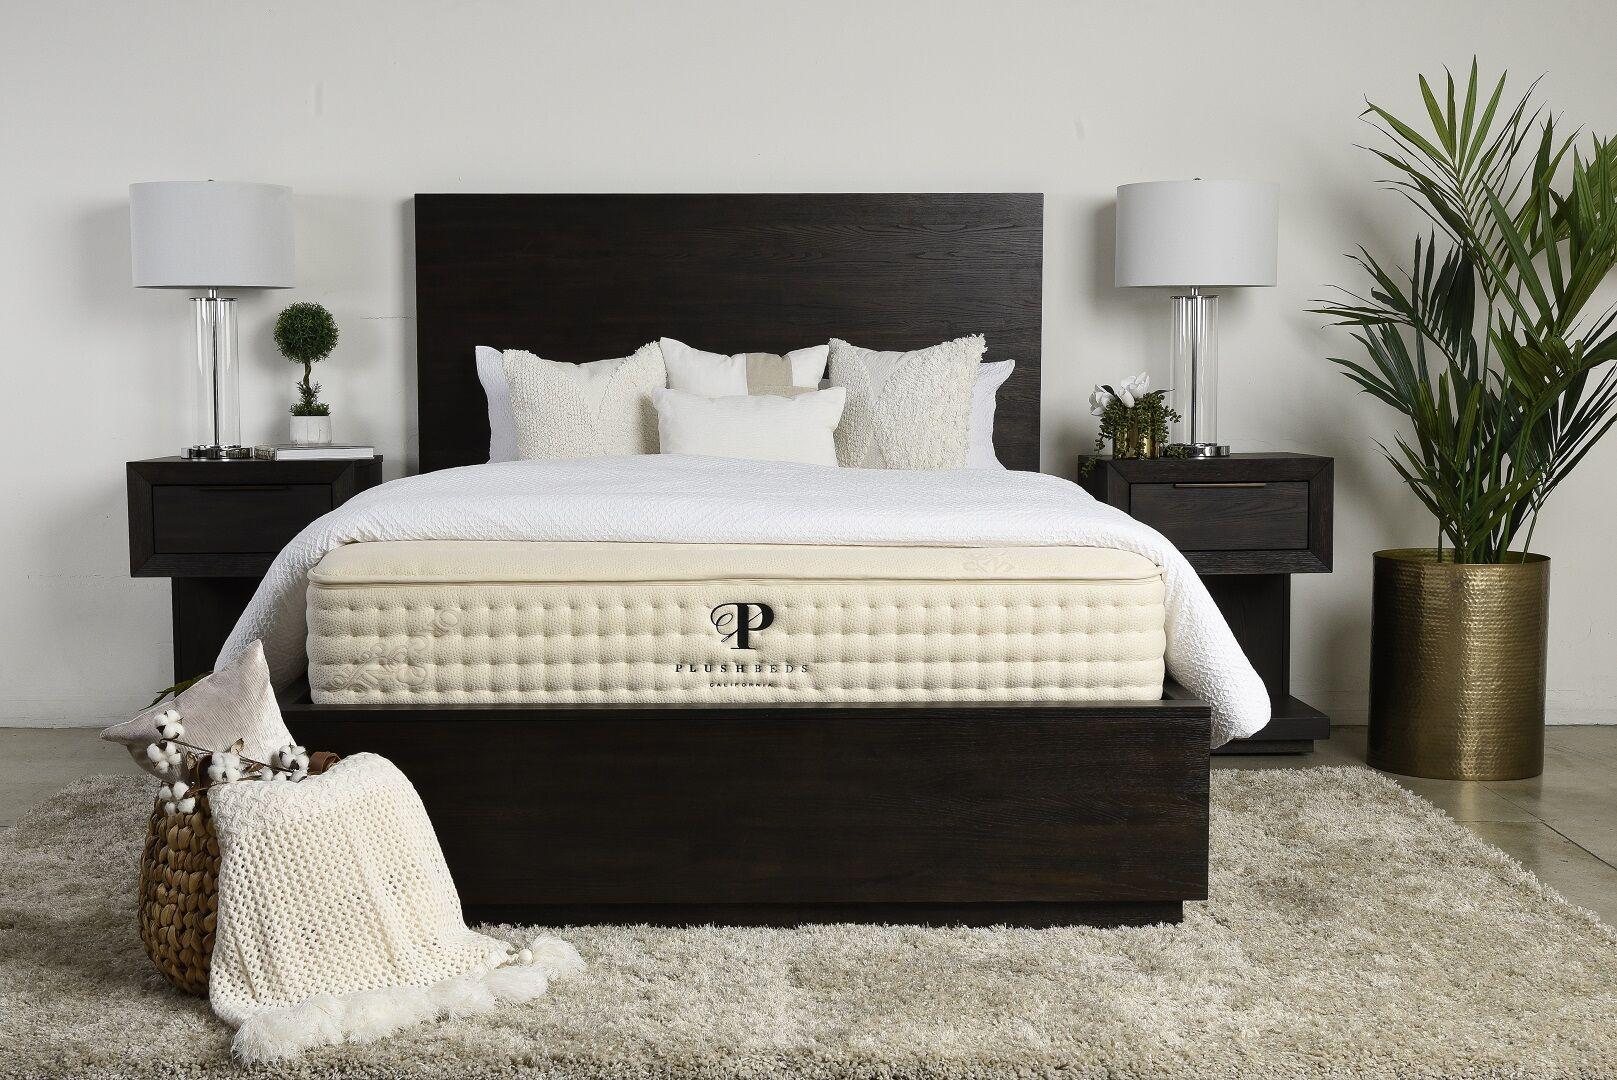 the botanicalbliss mattress